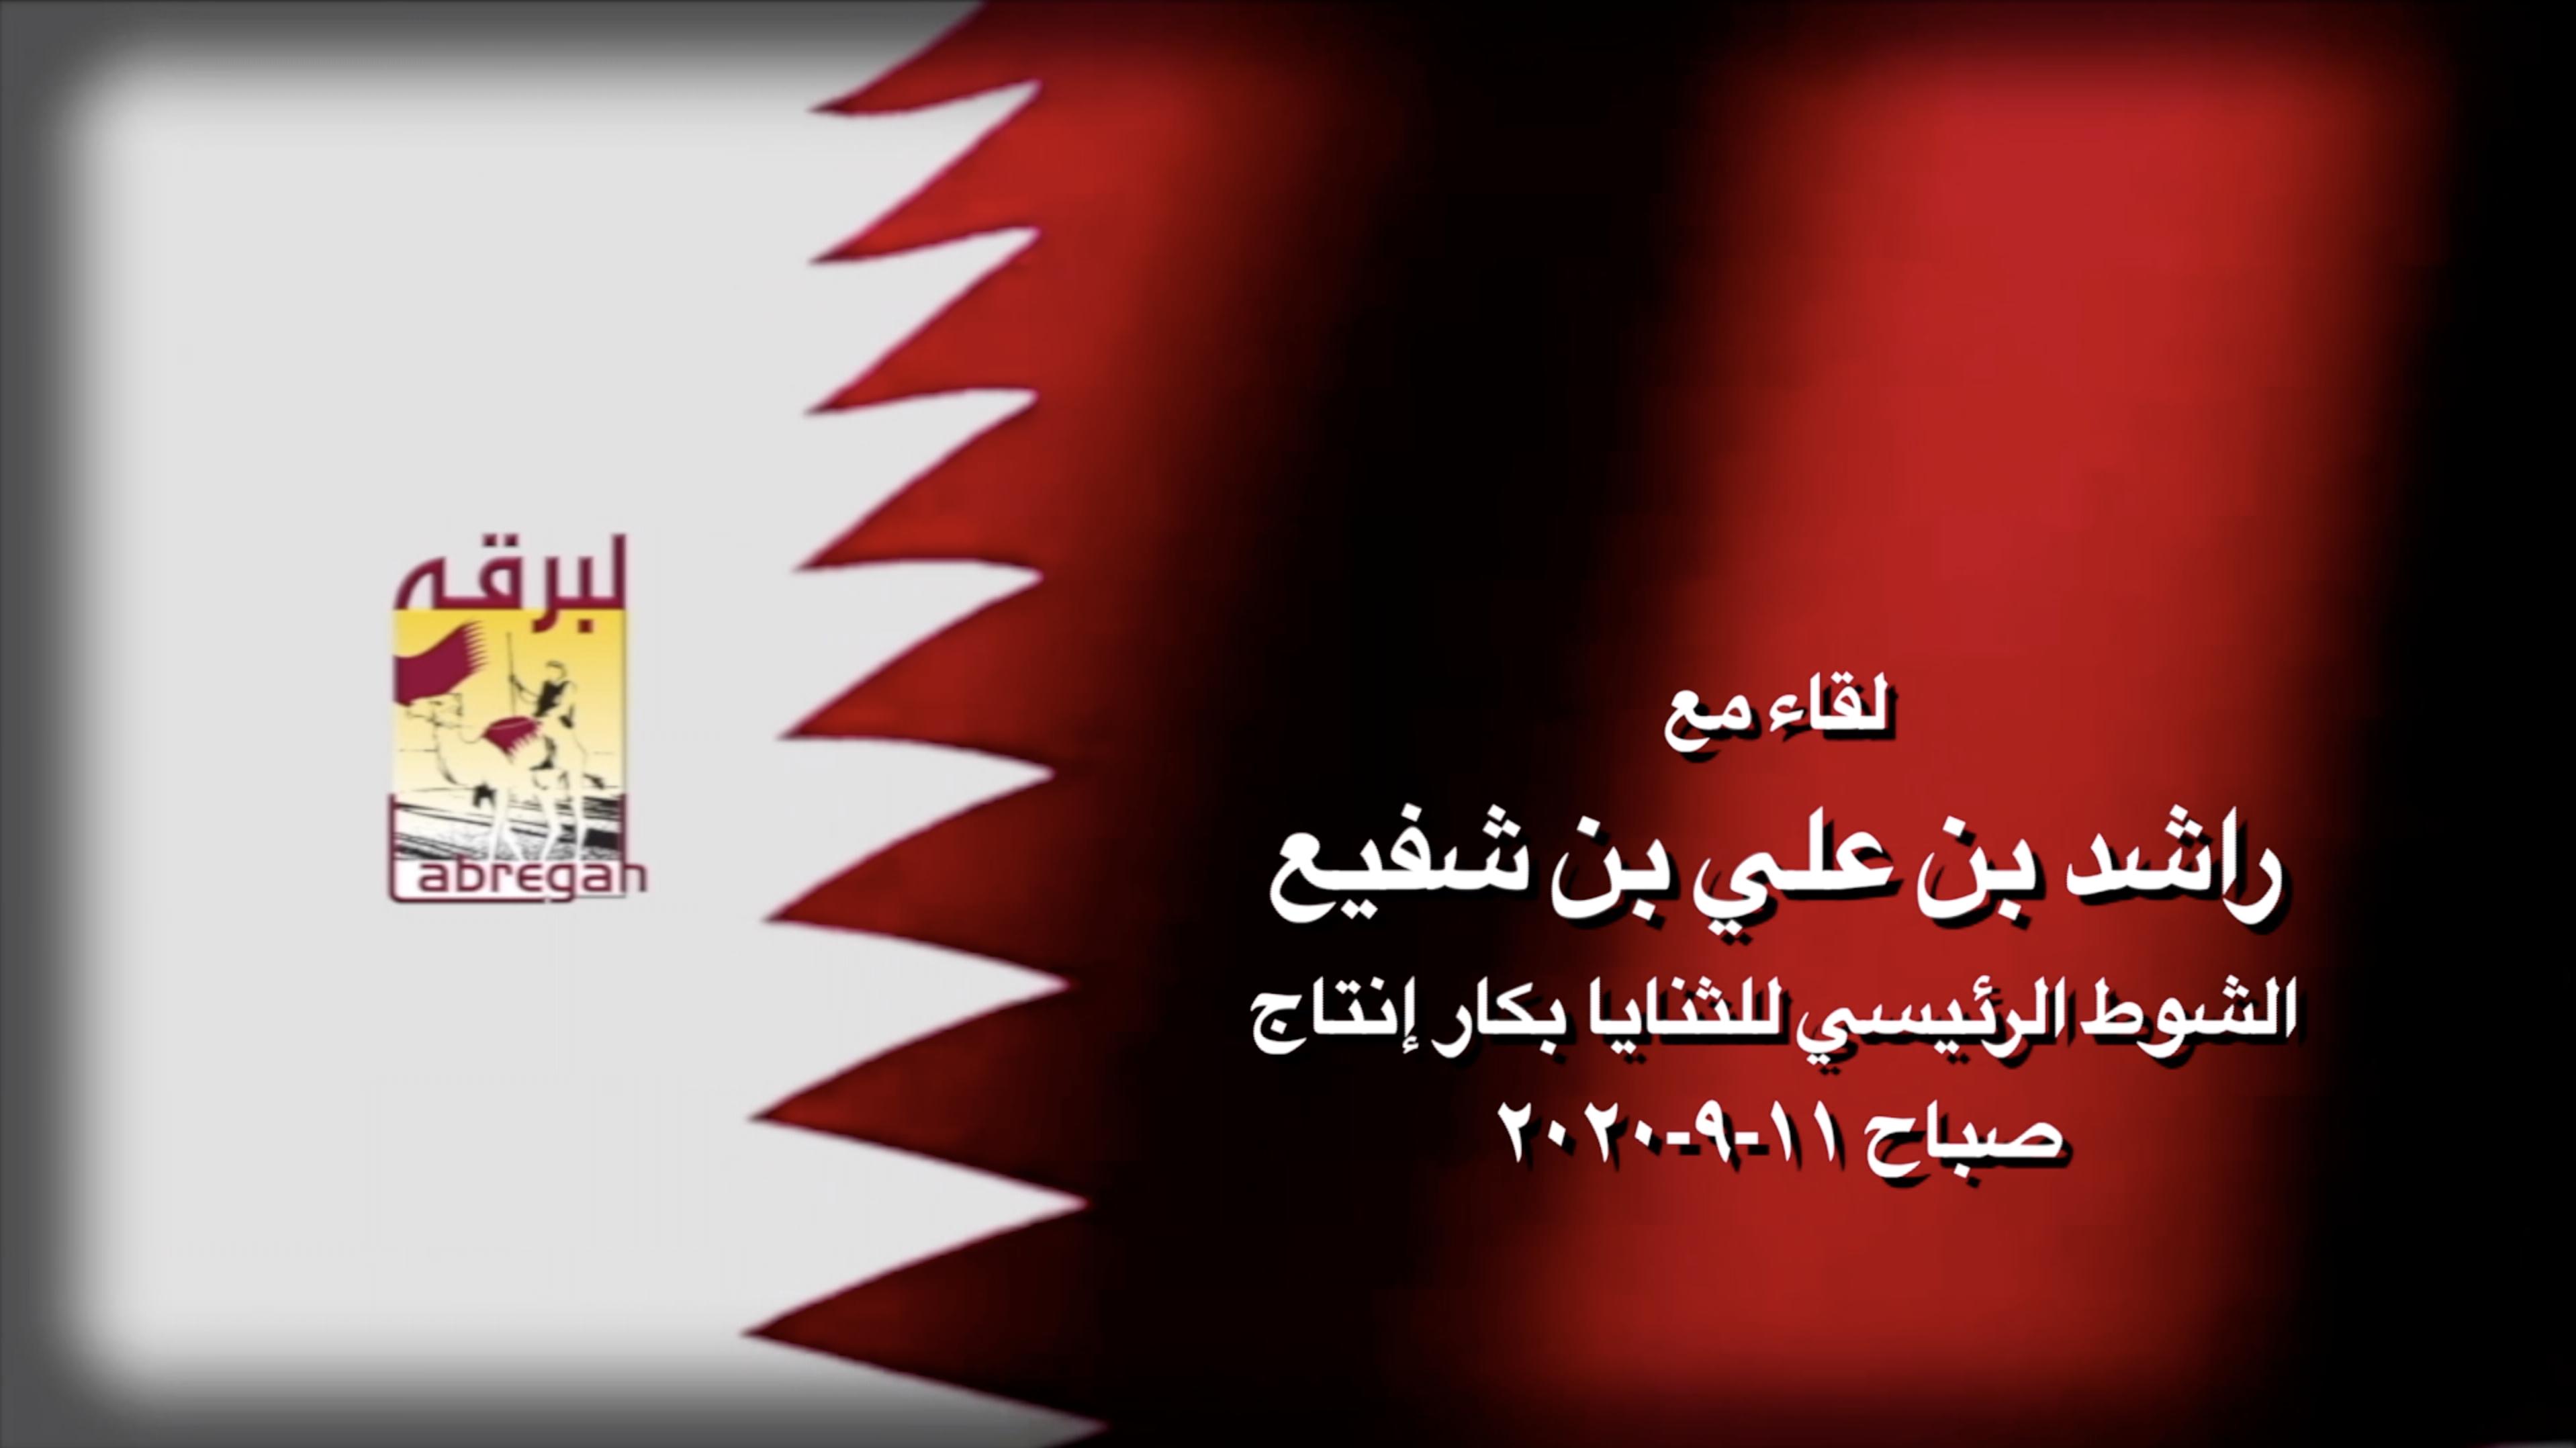 لقاء مع راشد بن علي بن شفيع.. الشوط الرئيسي للثنايا بكار إنتاج صباح ١١-٩-٢٠٢٠